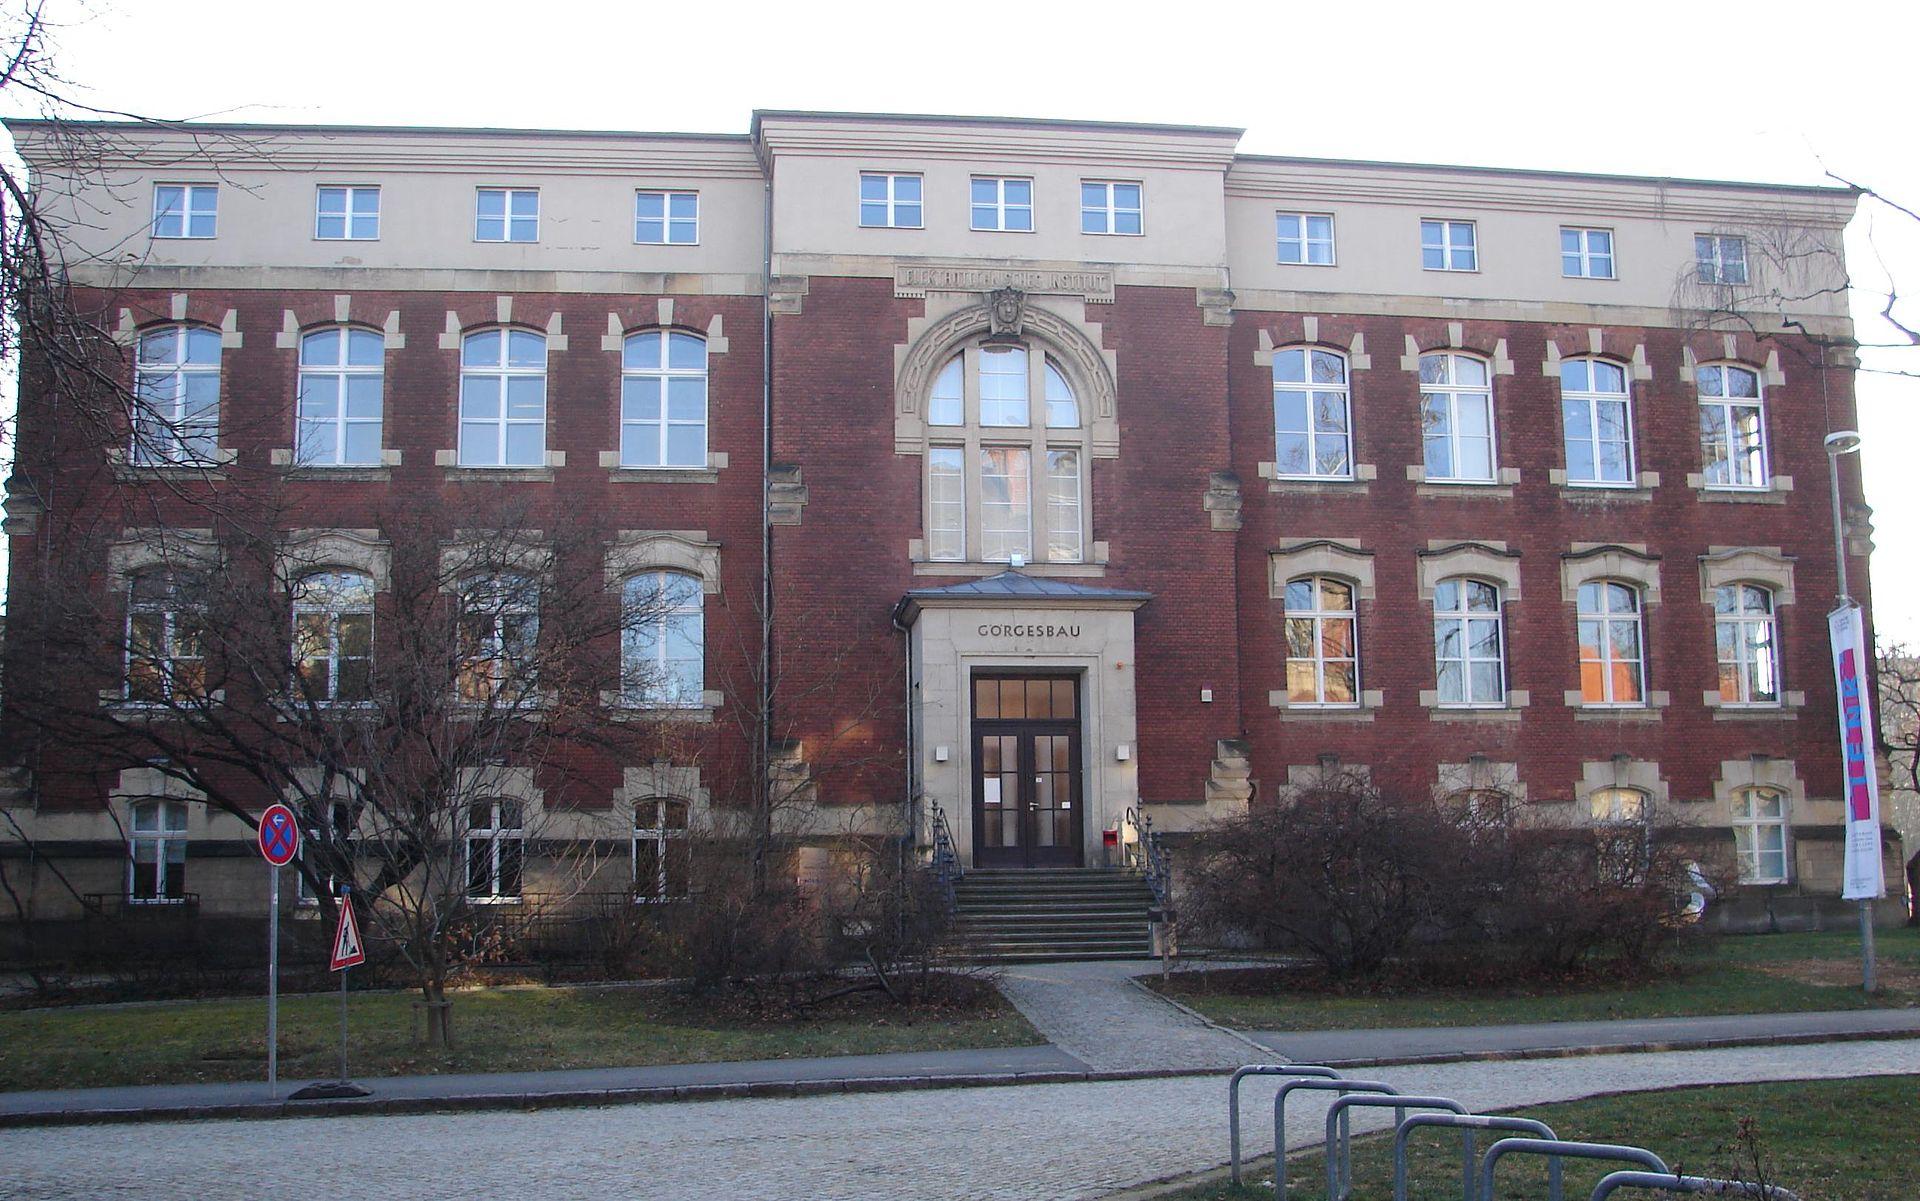 Bild ALTANAGalerie der Technischen Universität Dresden